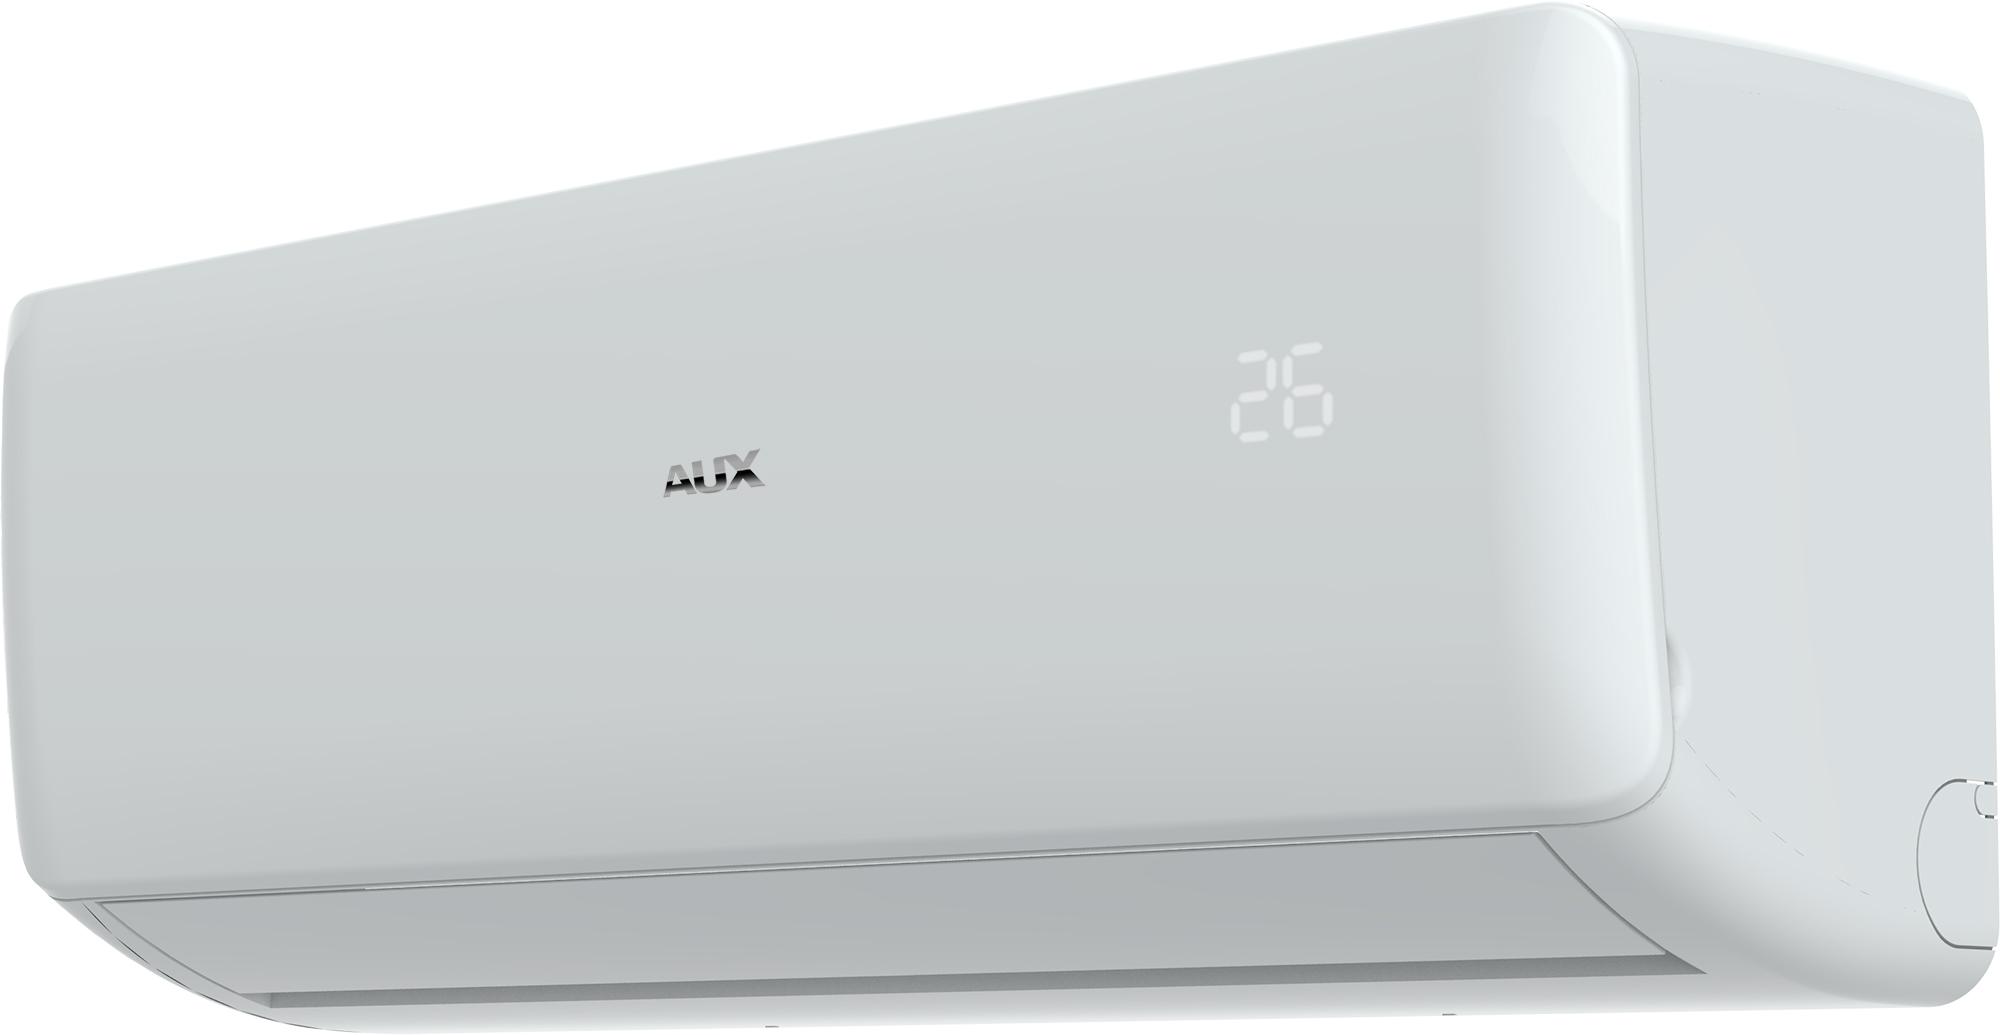 Кондиционер настенный AUX ASW-H24B4/FAR1